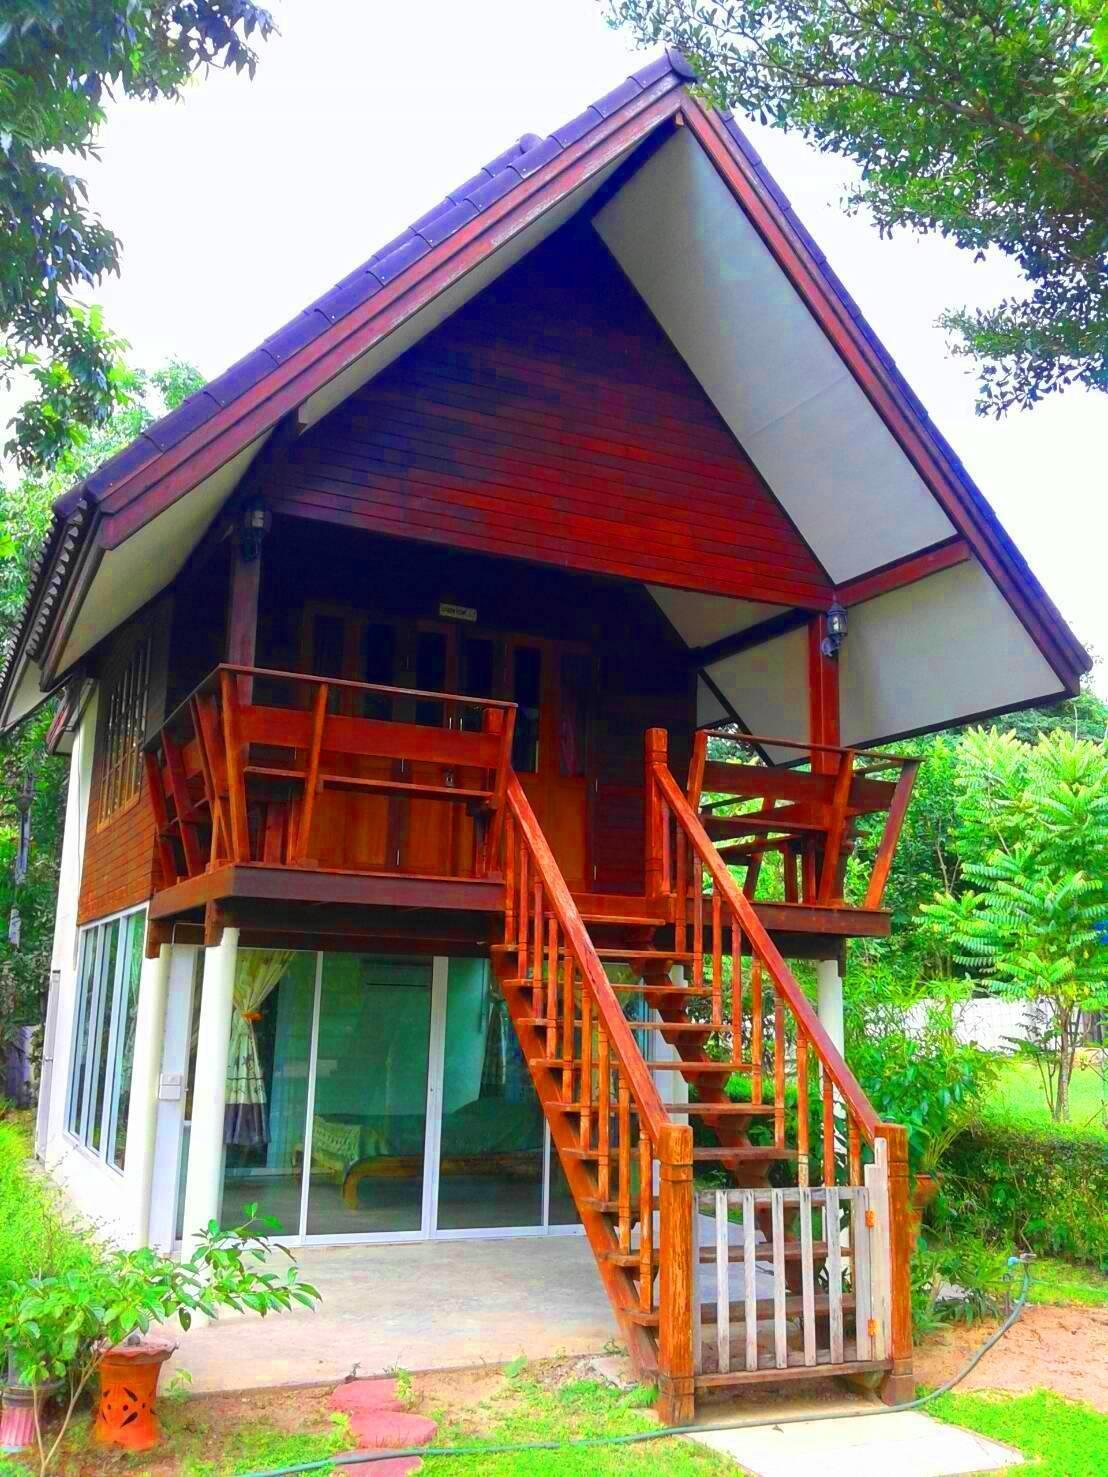 ガーデンバンガローダブル   ヴィラ/バンガロー アット ホーム スアンプン (At Home Suanphung)